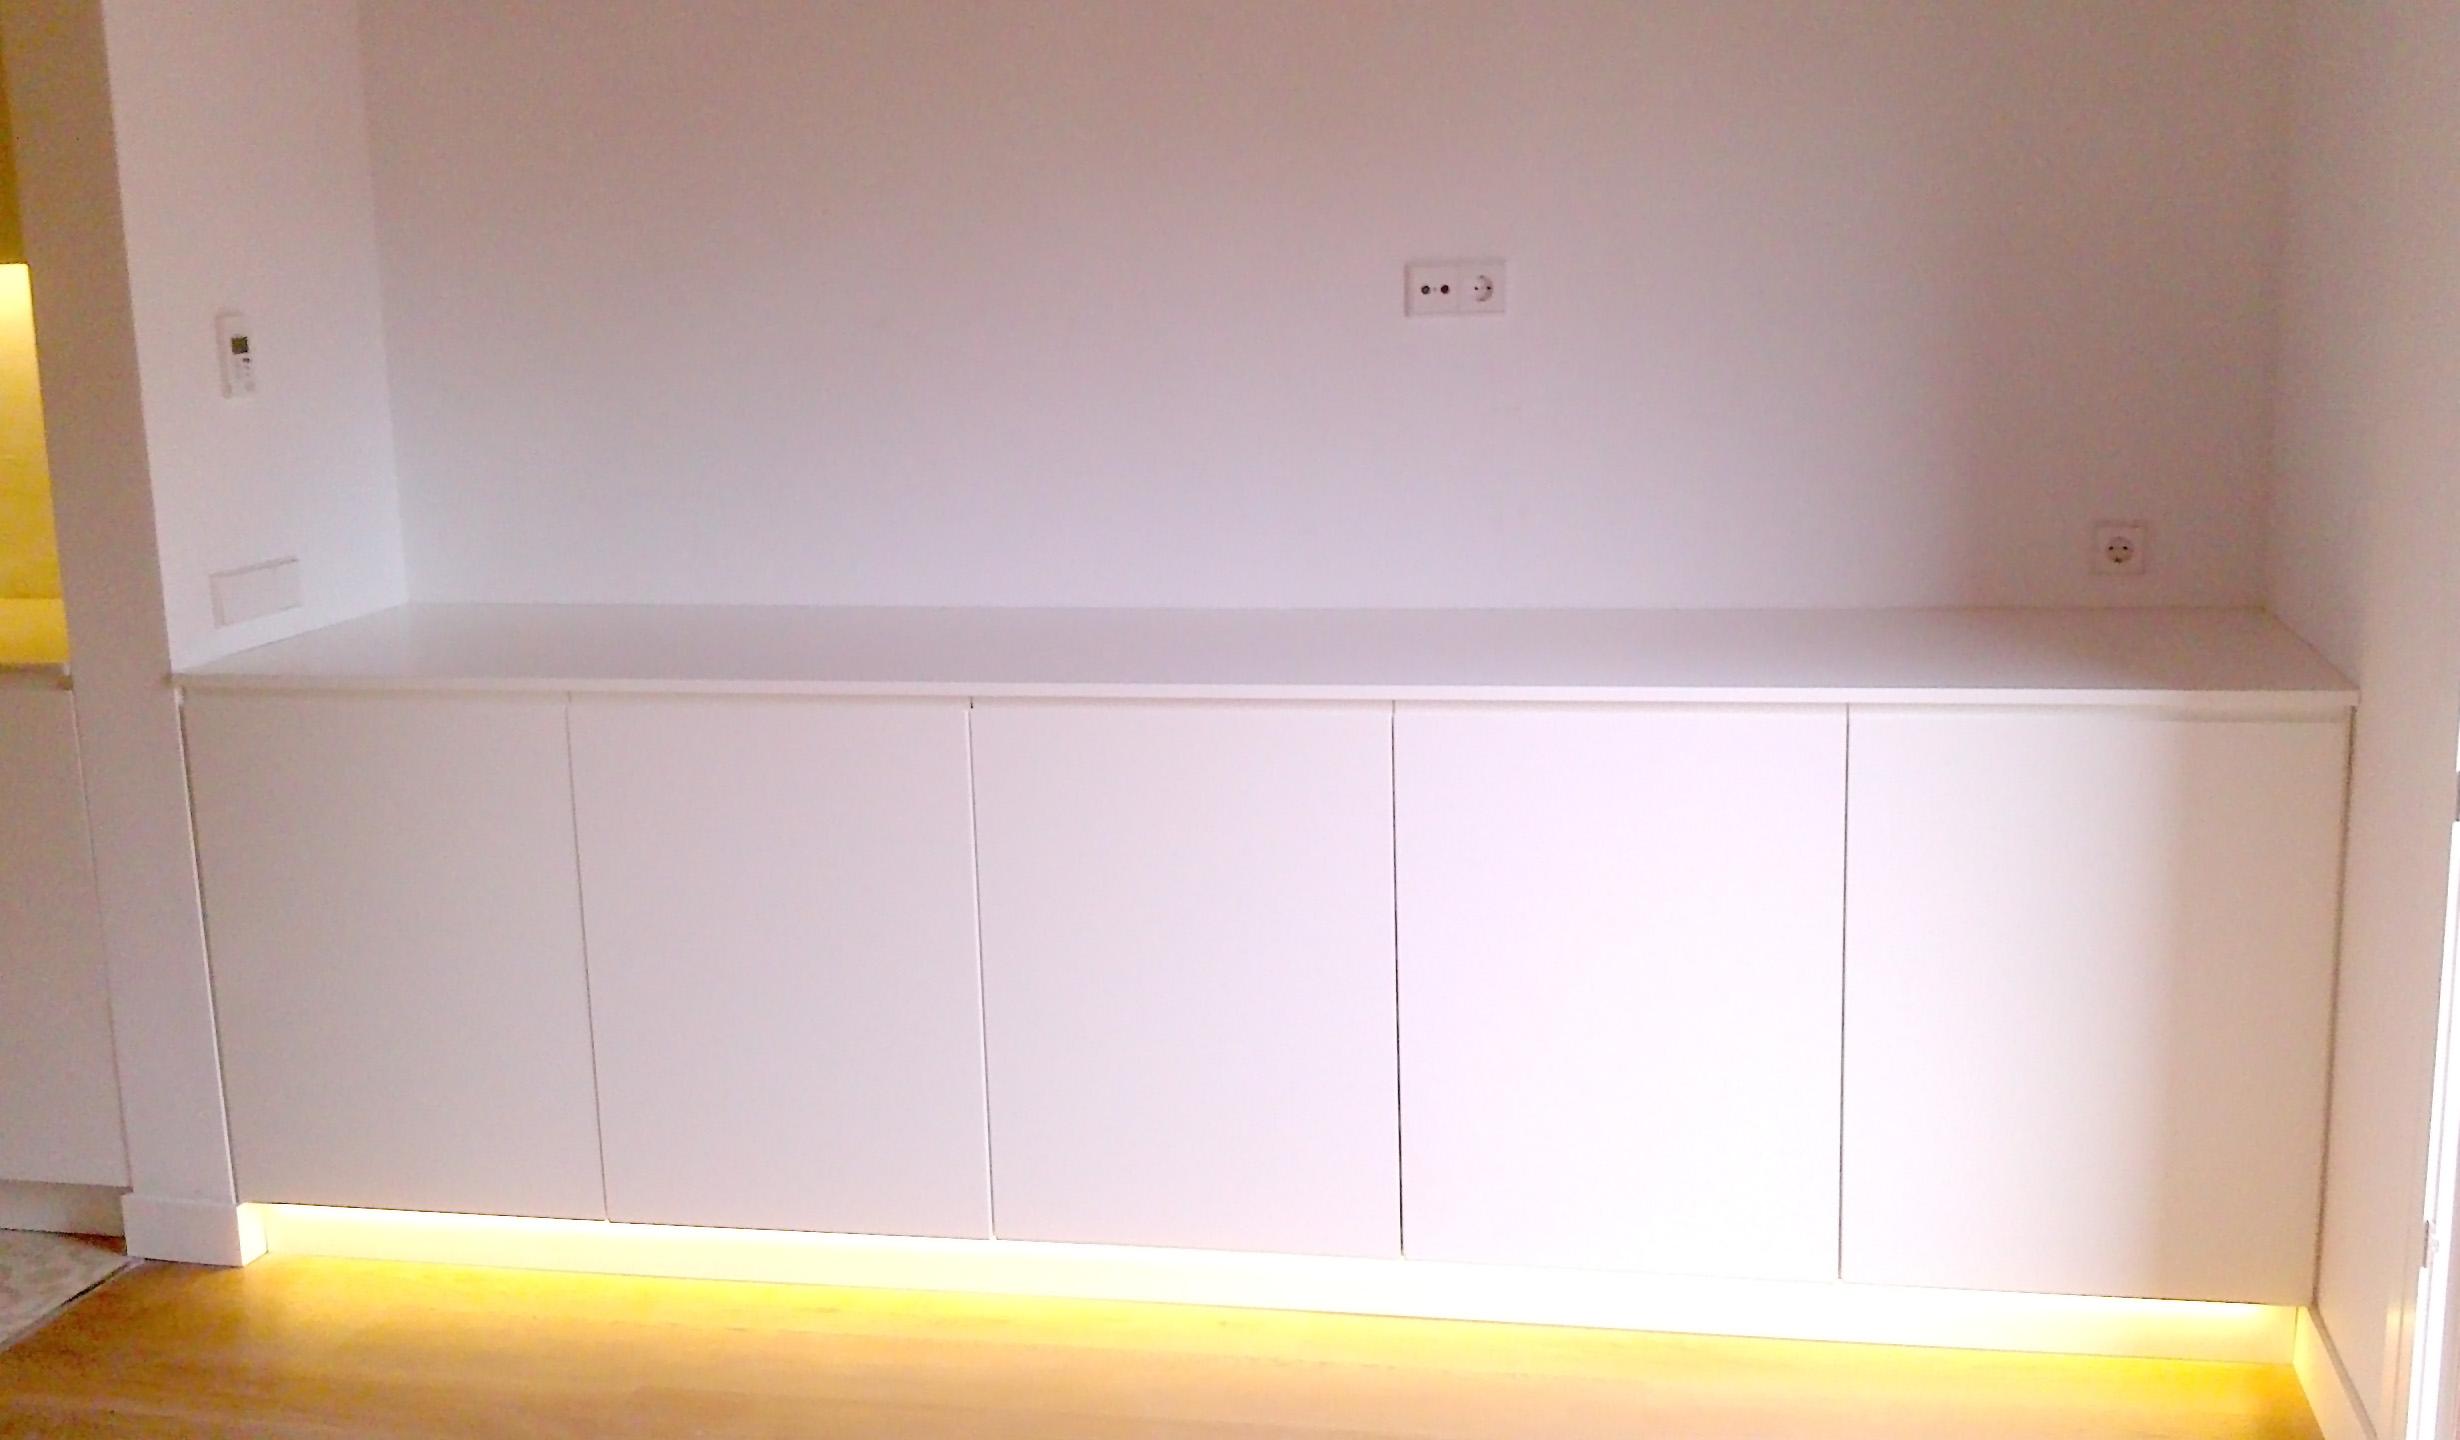 Mueble sal n comedor lacado en blanco satinado mb concept for Salon comedor lacado blanco